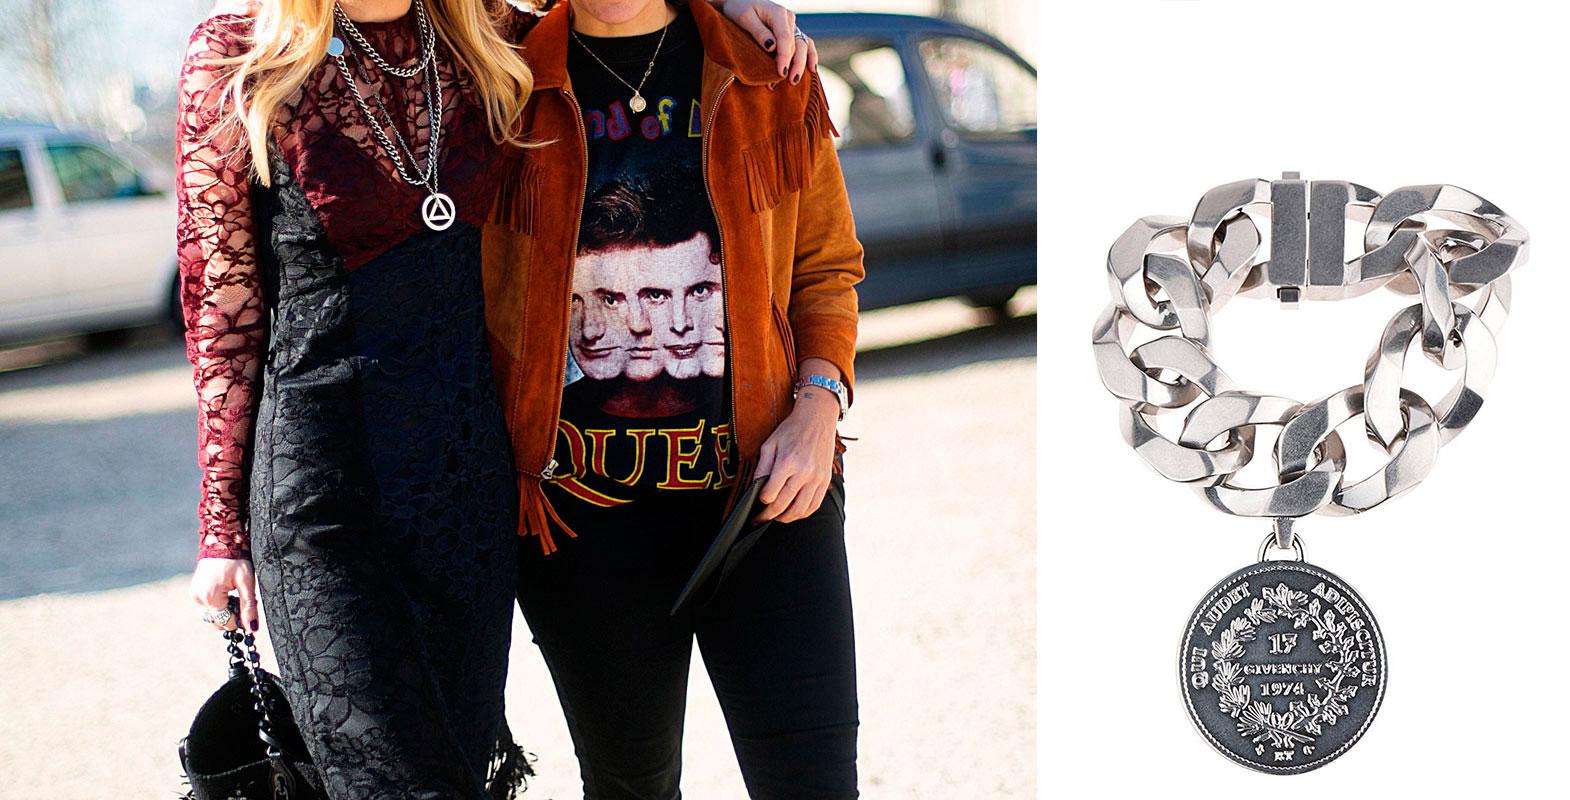 Ya no solo en joyería, la moda de esta temporada otoño invierno vendrá marcada por los estándares rompedores del estilo punk. Pantalones de cuero, chalecos